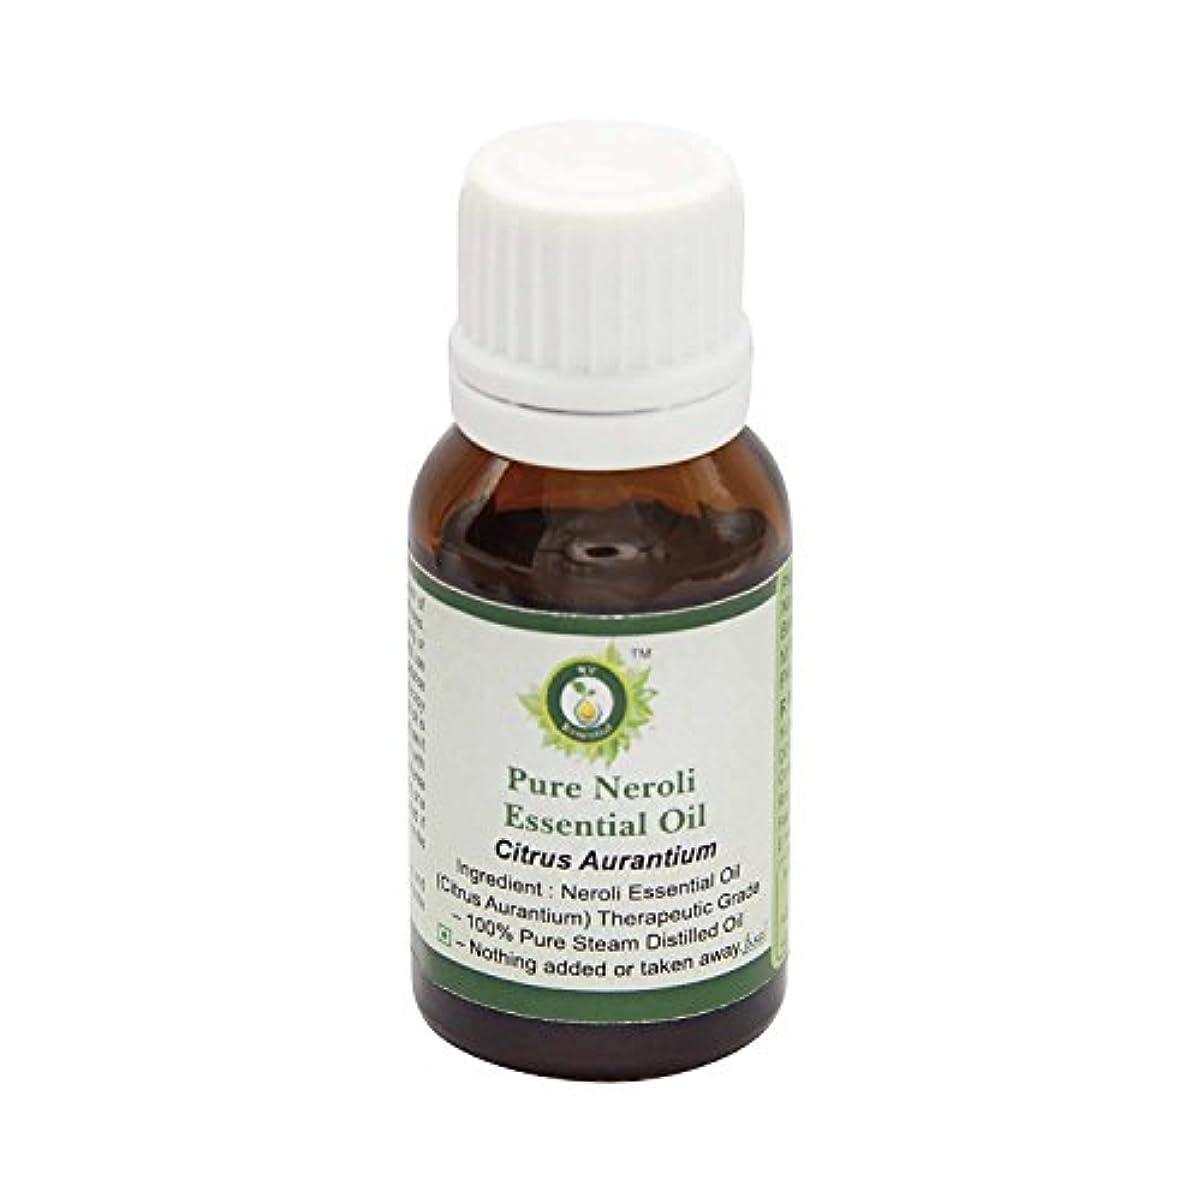 謎めいた手伝う優遇R V Essential ピュアネロリエッセンシャルオイル15ml (0.507oz)- Citrus Aurantium (100%純粋&天然スチームDistilled) Pure Neroli Essential...